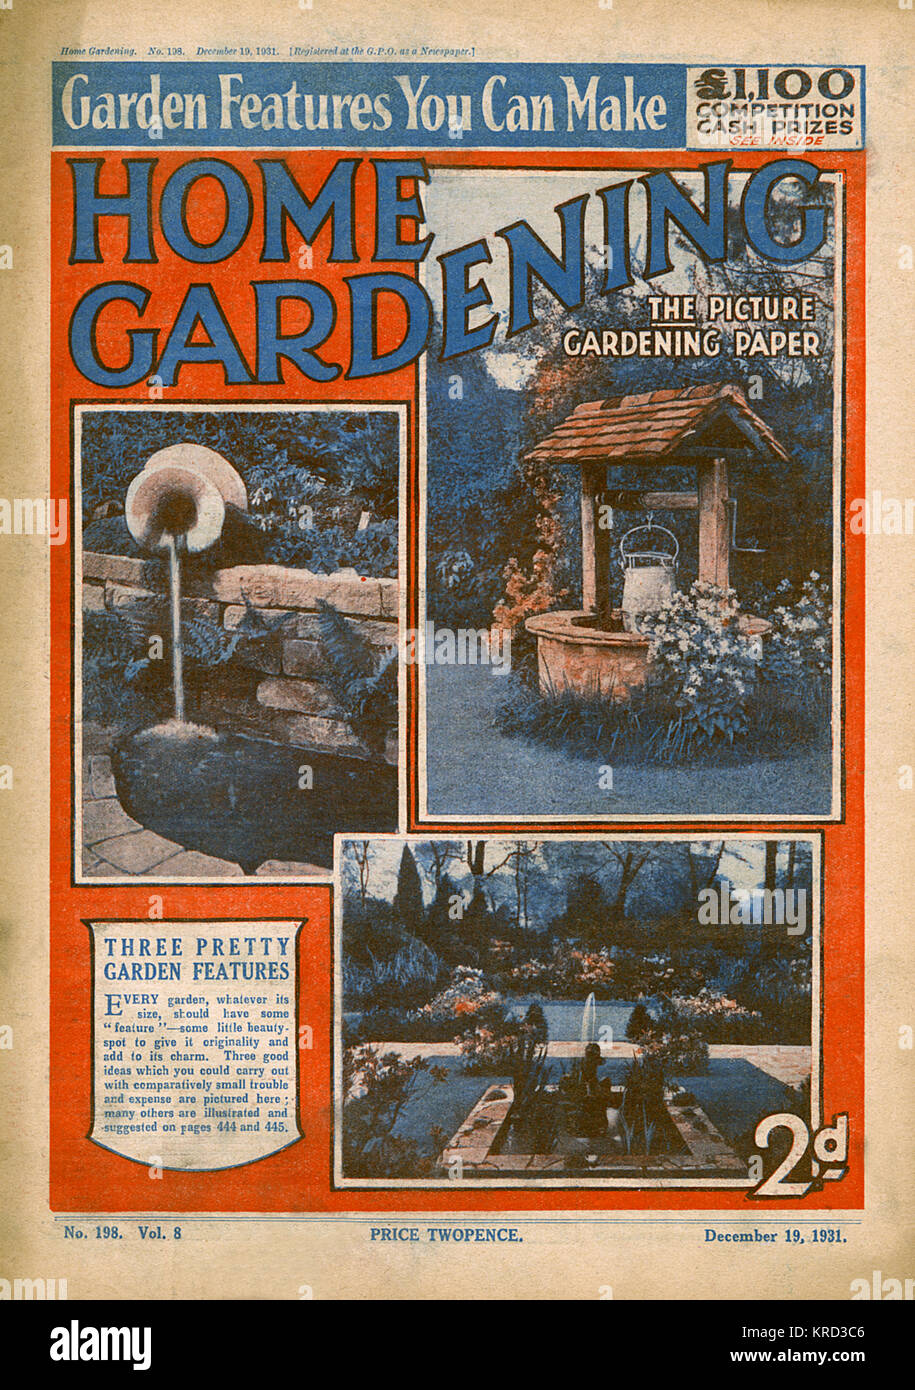 Couverture du magazine de jardinage Accueil suggérant trois jolies fonctionnalités pour le jardin - un bien, d'une urne d'eau et un bassin avec jet d'eau en contrebas de la place. Date: 1931 Banque D'Images